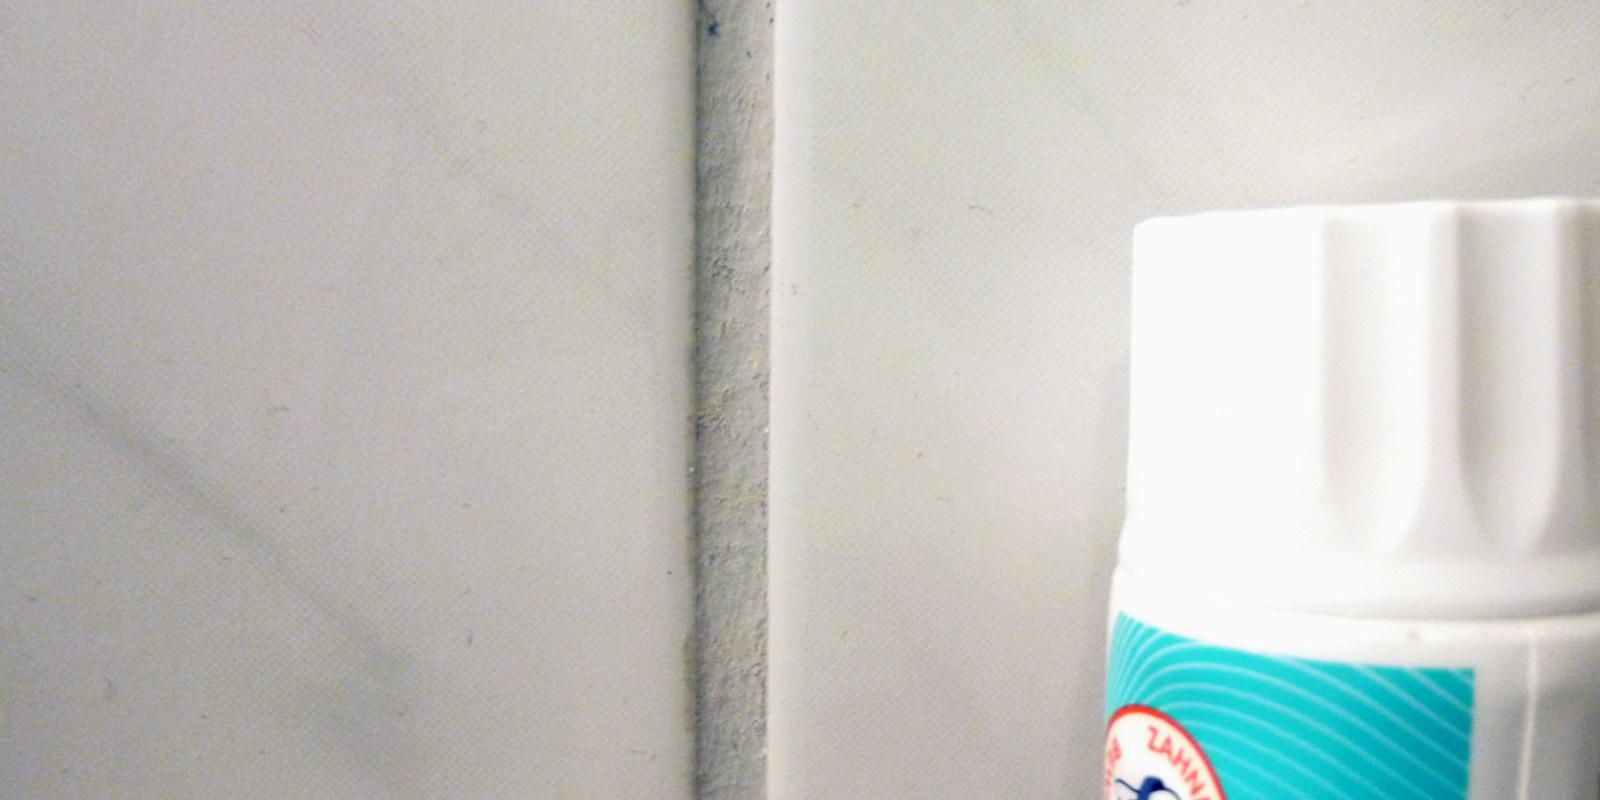 Zahnpasta zur Reinigung von Fliesen